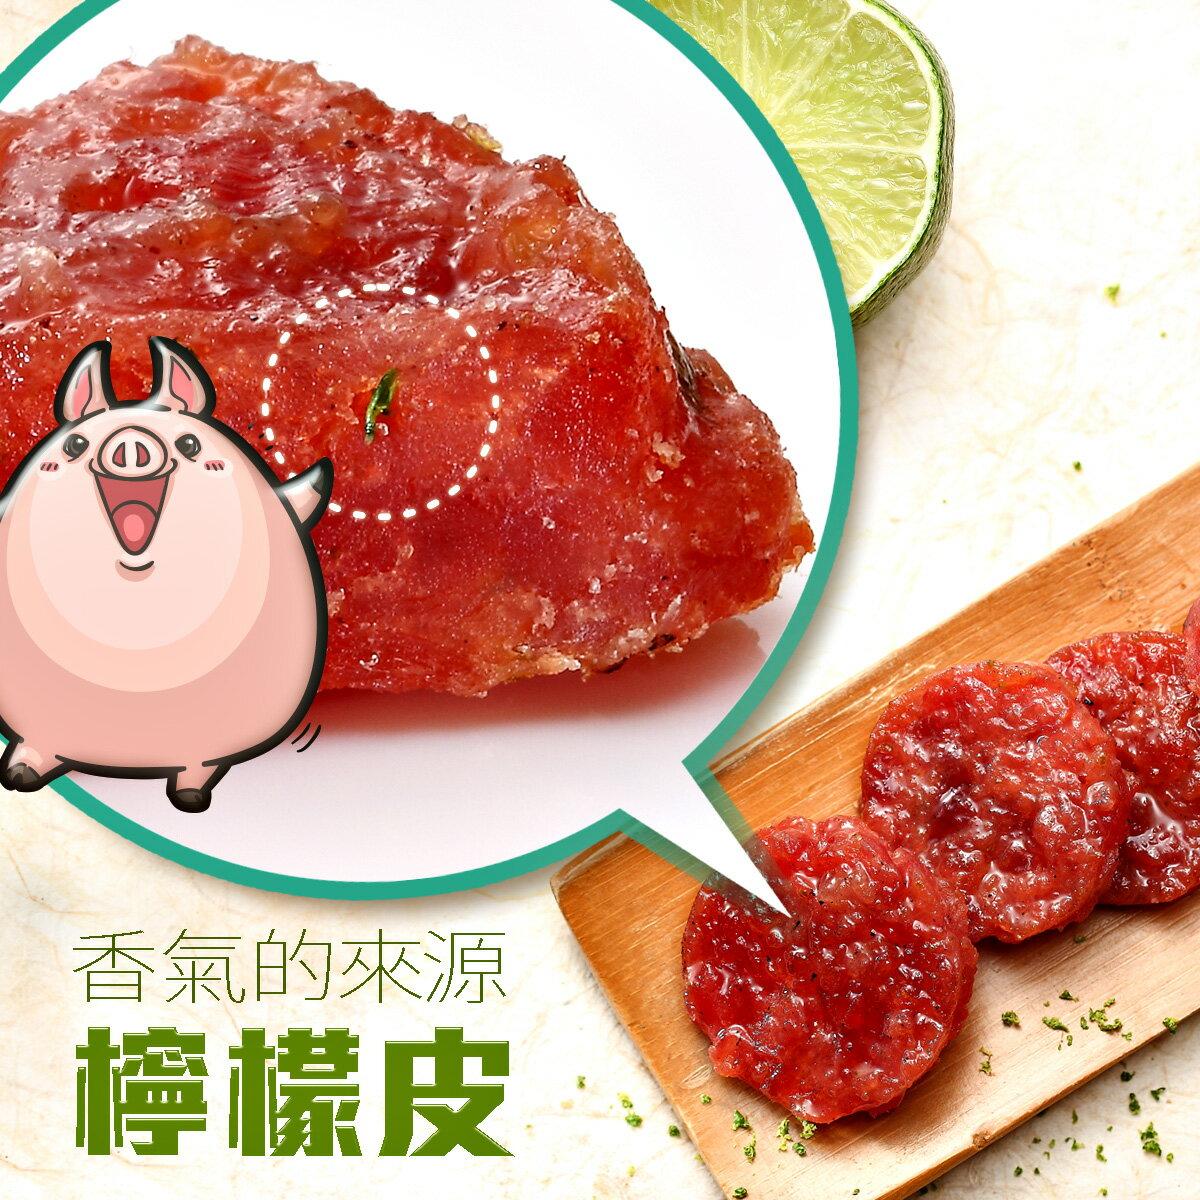 【超值清爽免運組】圓燒豬肉乾-鮮檸檬+條子豬肉乾-原味+ 嚴選檸檬豬肉絲★ 5